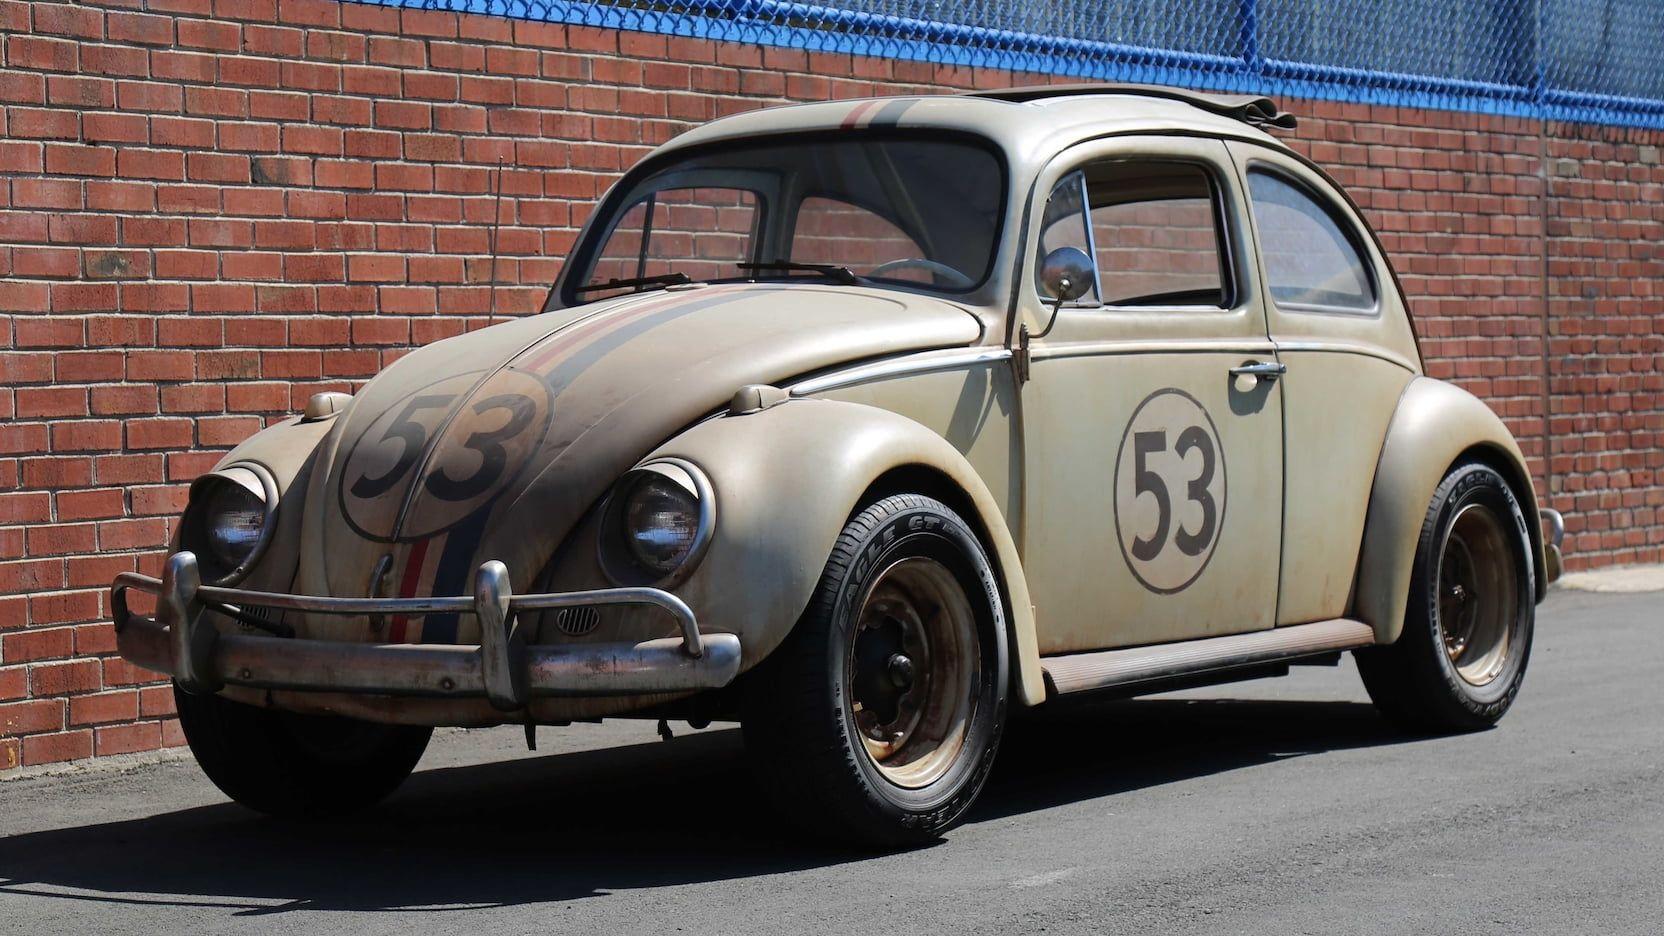 Auction Lot F138 Monterey Ca 2018 Junkyard Herbie Hero Car From The 2005 Movie Herbie Fully Loaded With Bevy Of Herb Volkswagen Beetle Volkswagen Beetle [ 936 x 1664 Pixel ]